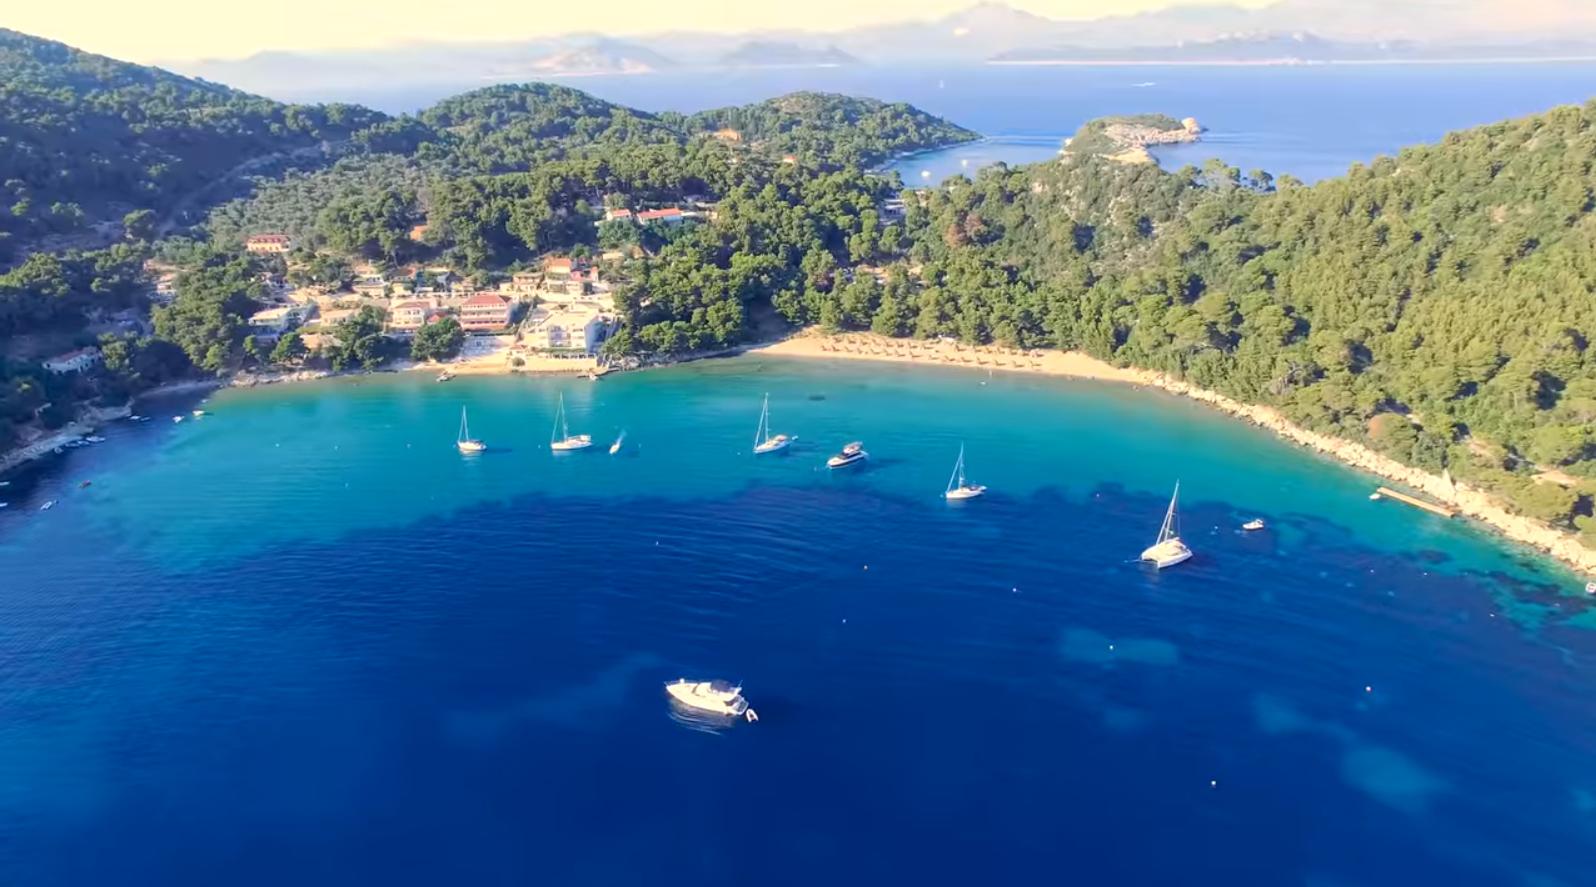 Ljetni nautički vodič Jadranom – 10 top destinacija za zabavu Uvale Mljeta